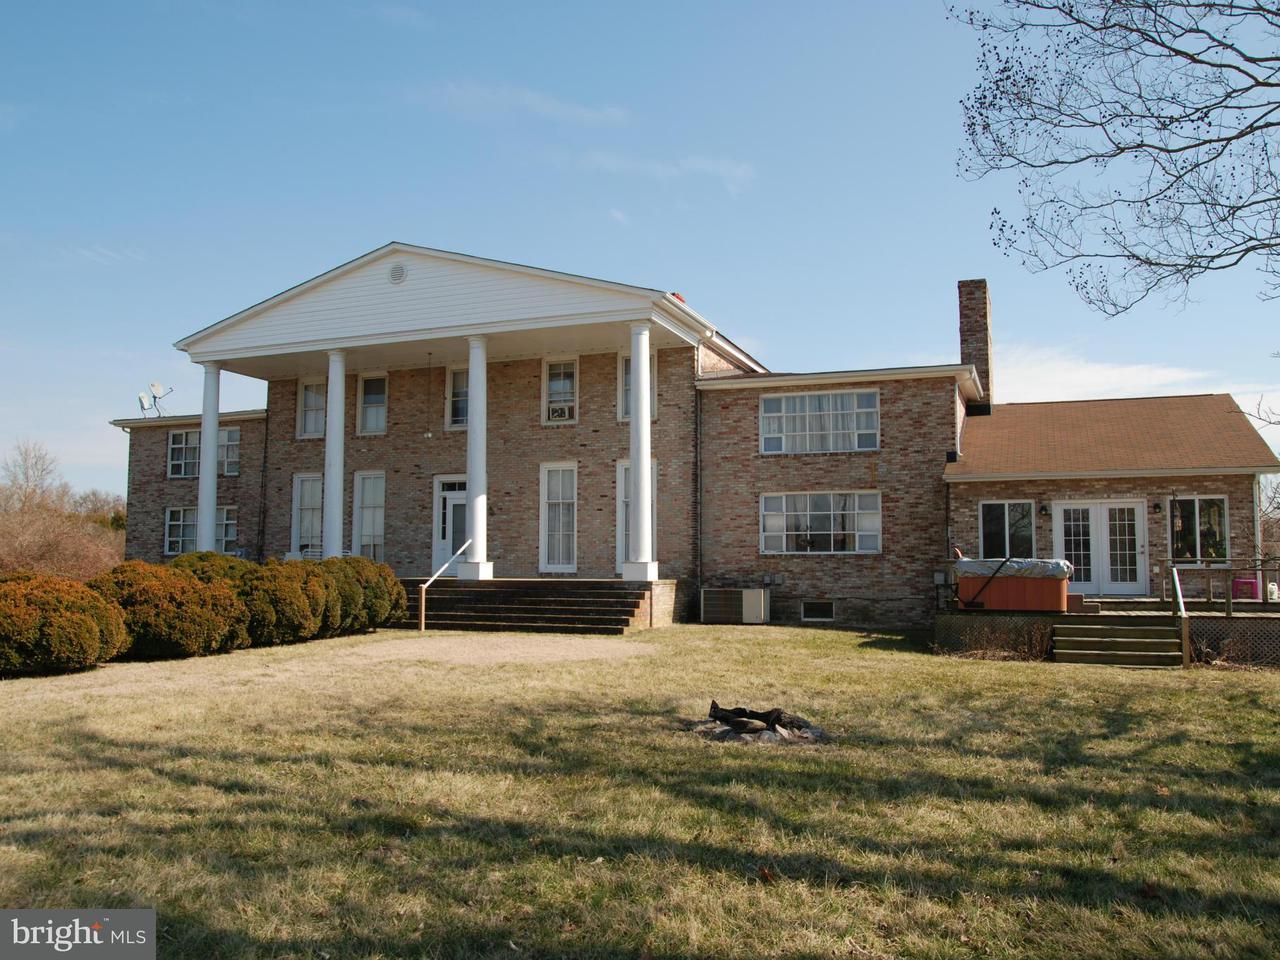 Maison unifamiliale pour l Vente à 21500 ABELL'S WHARF Road 21500 ABELL'S WHARF Road Leonardtown, Maryland 20650 États-Unis